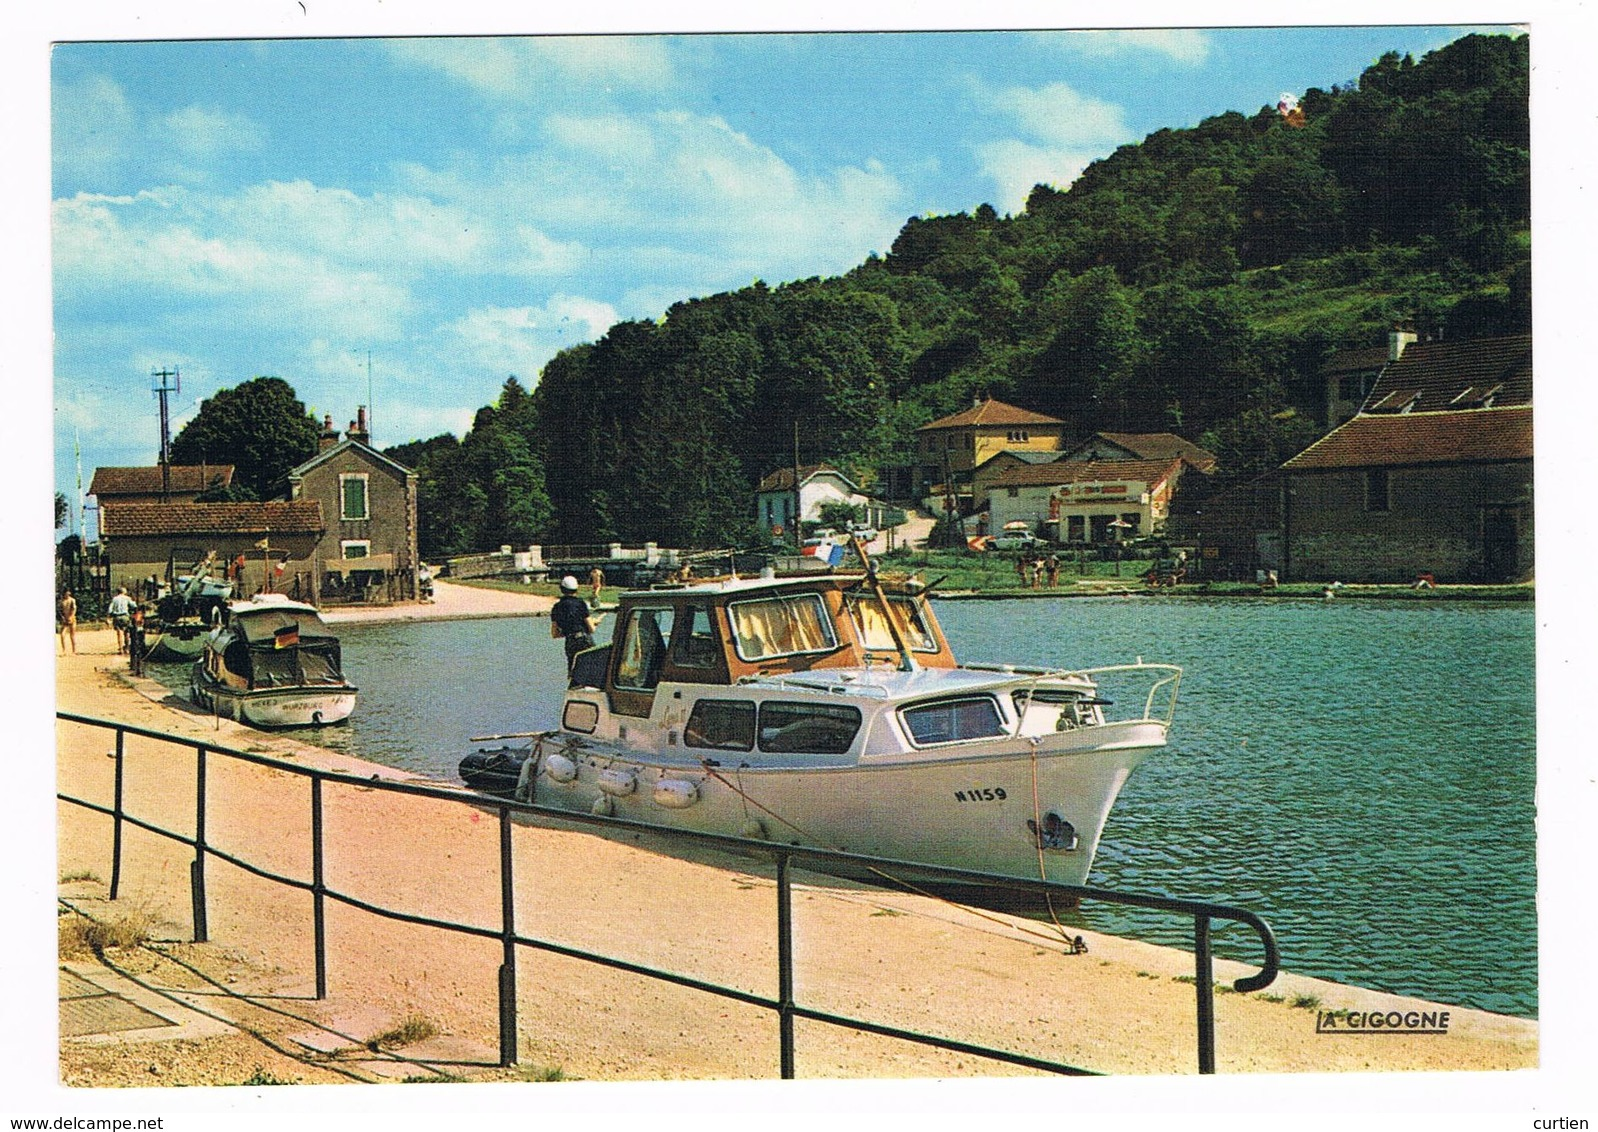 PLOMBIERES Les DIJON  21  Le Port Du Canal Avec Bateau - Other Municipalities